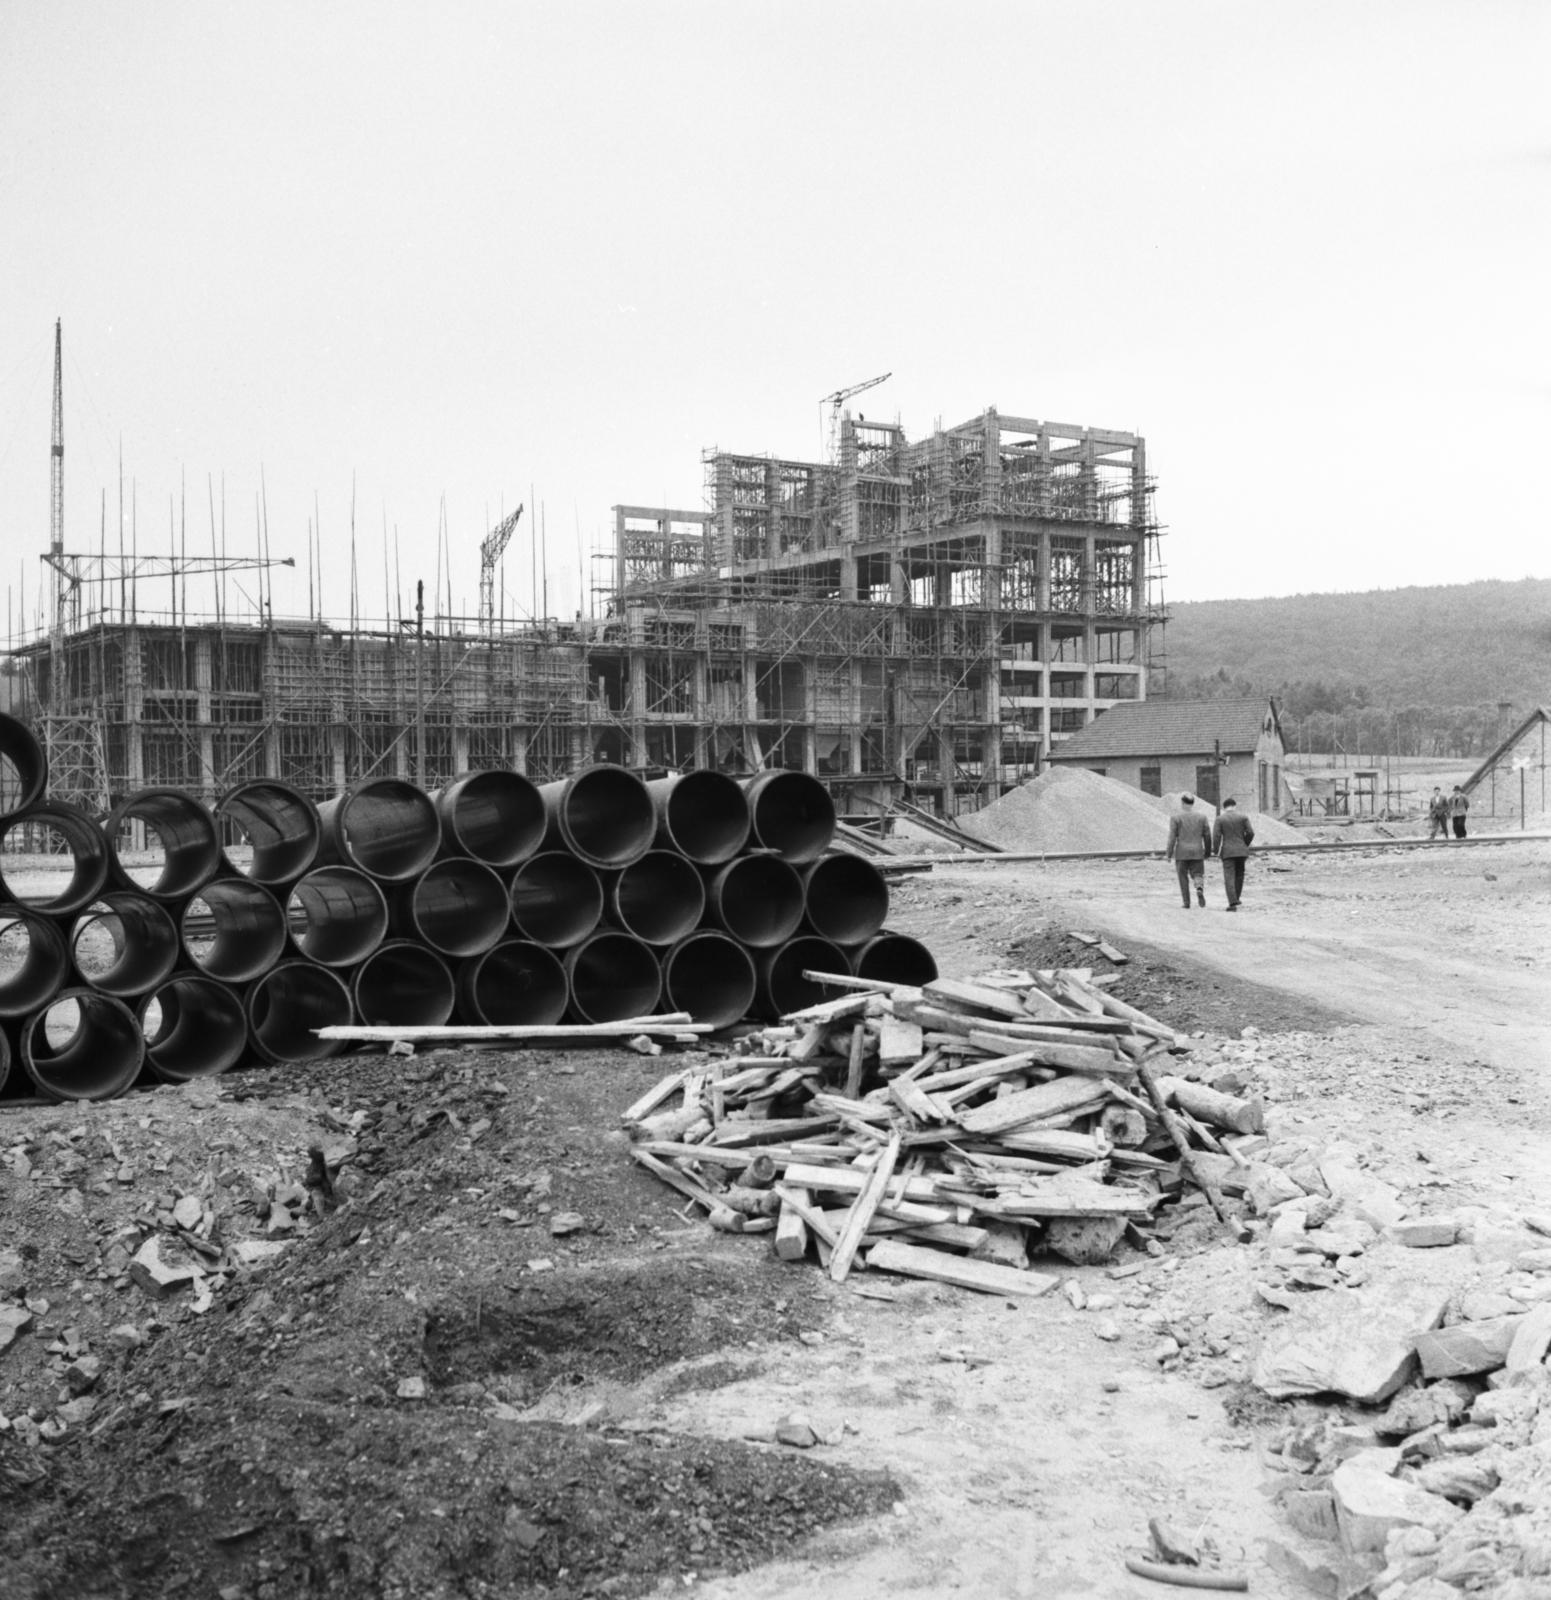 [SAAR Story] - [Pipeline for SAAR Gas to Bring Fuel to Paris]